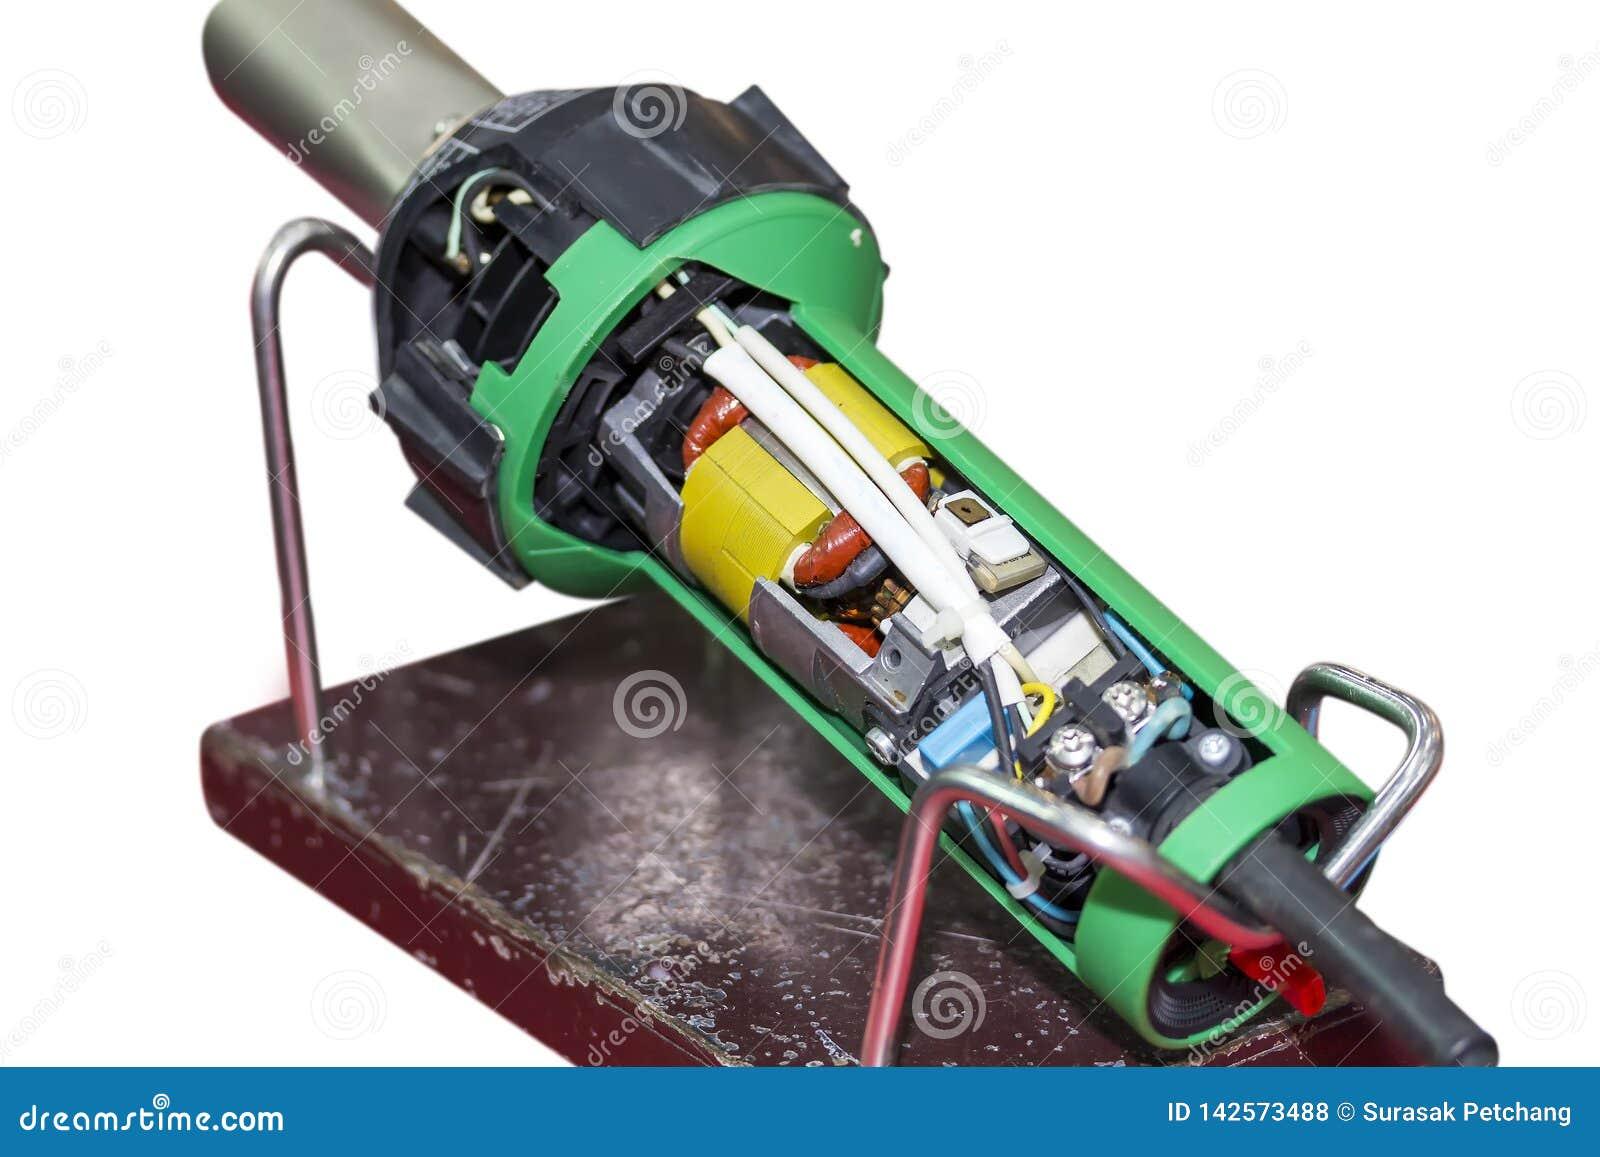 Близкое поднимающее вверх поперечное сечение сварочного аппарата штрангпресса пластикового для промышленных ремонта и обслуживани